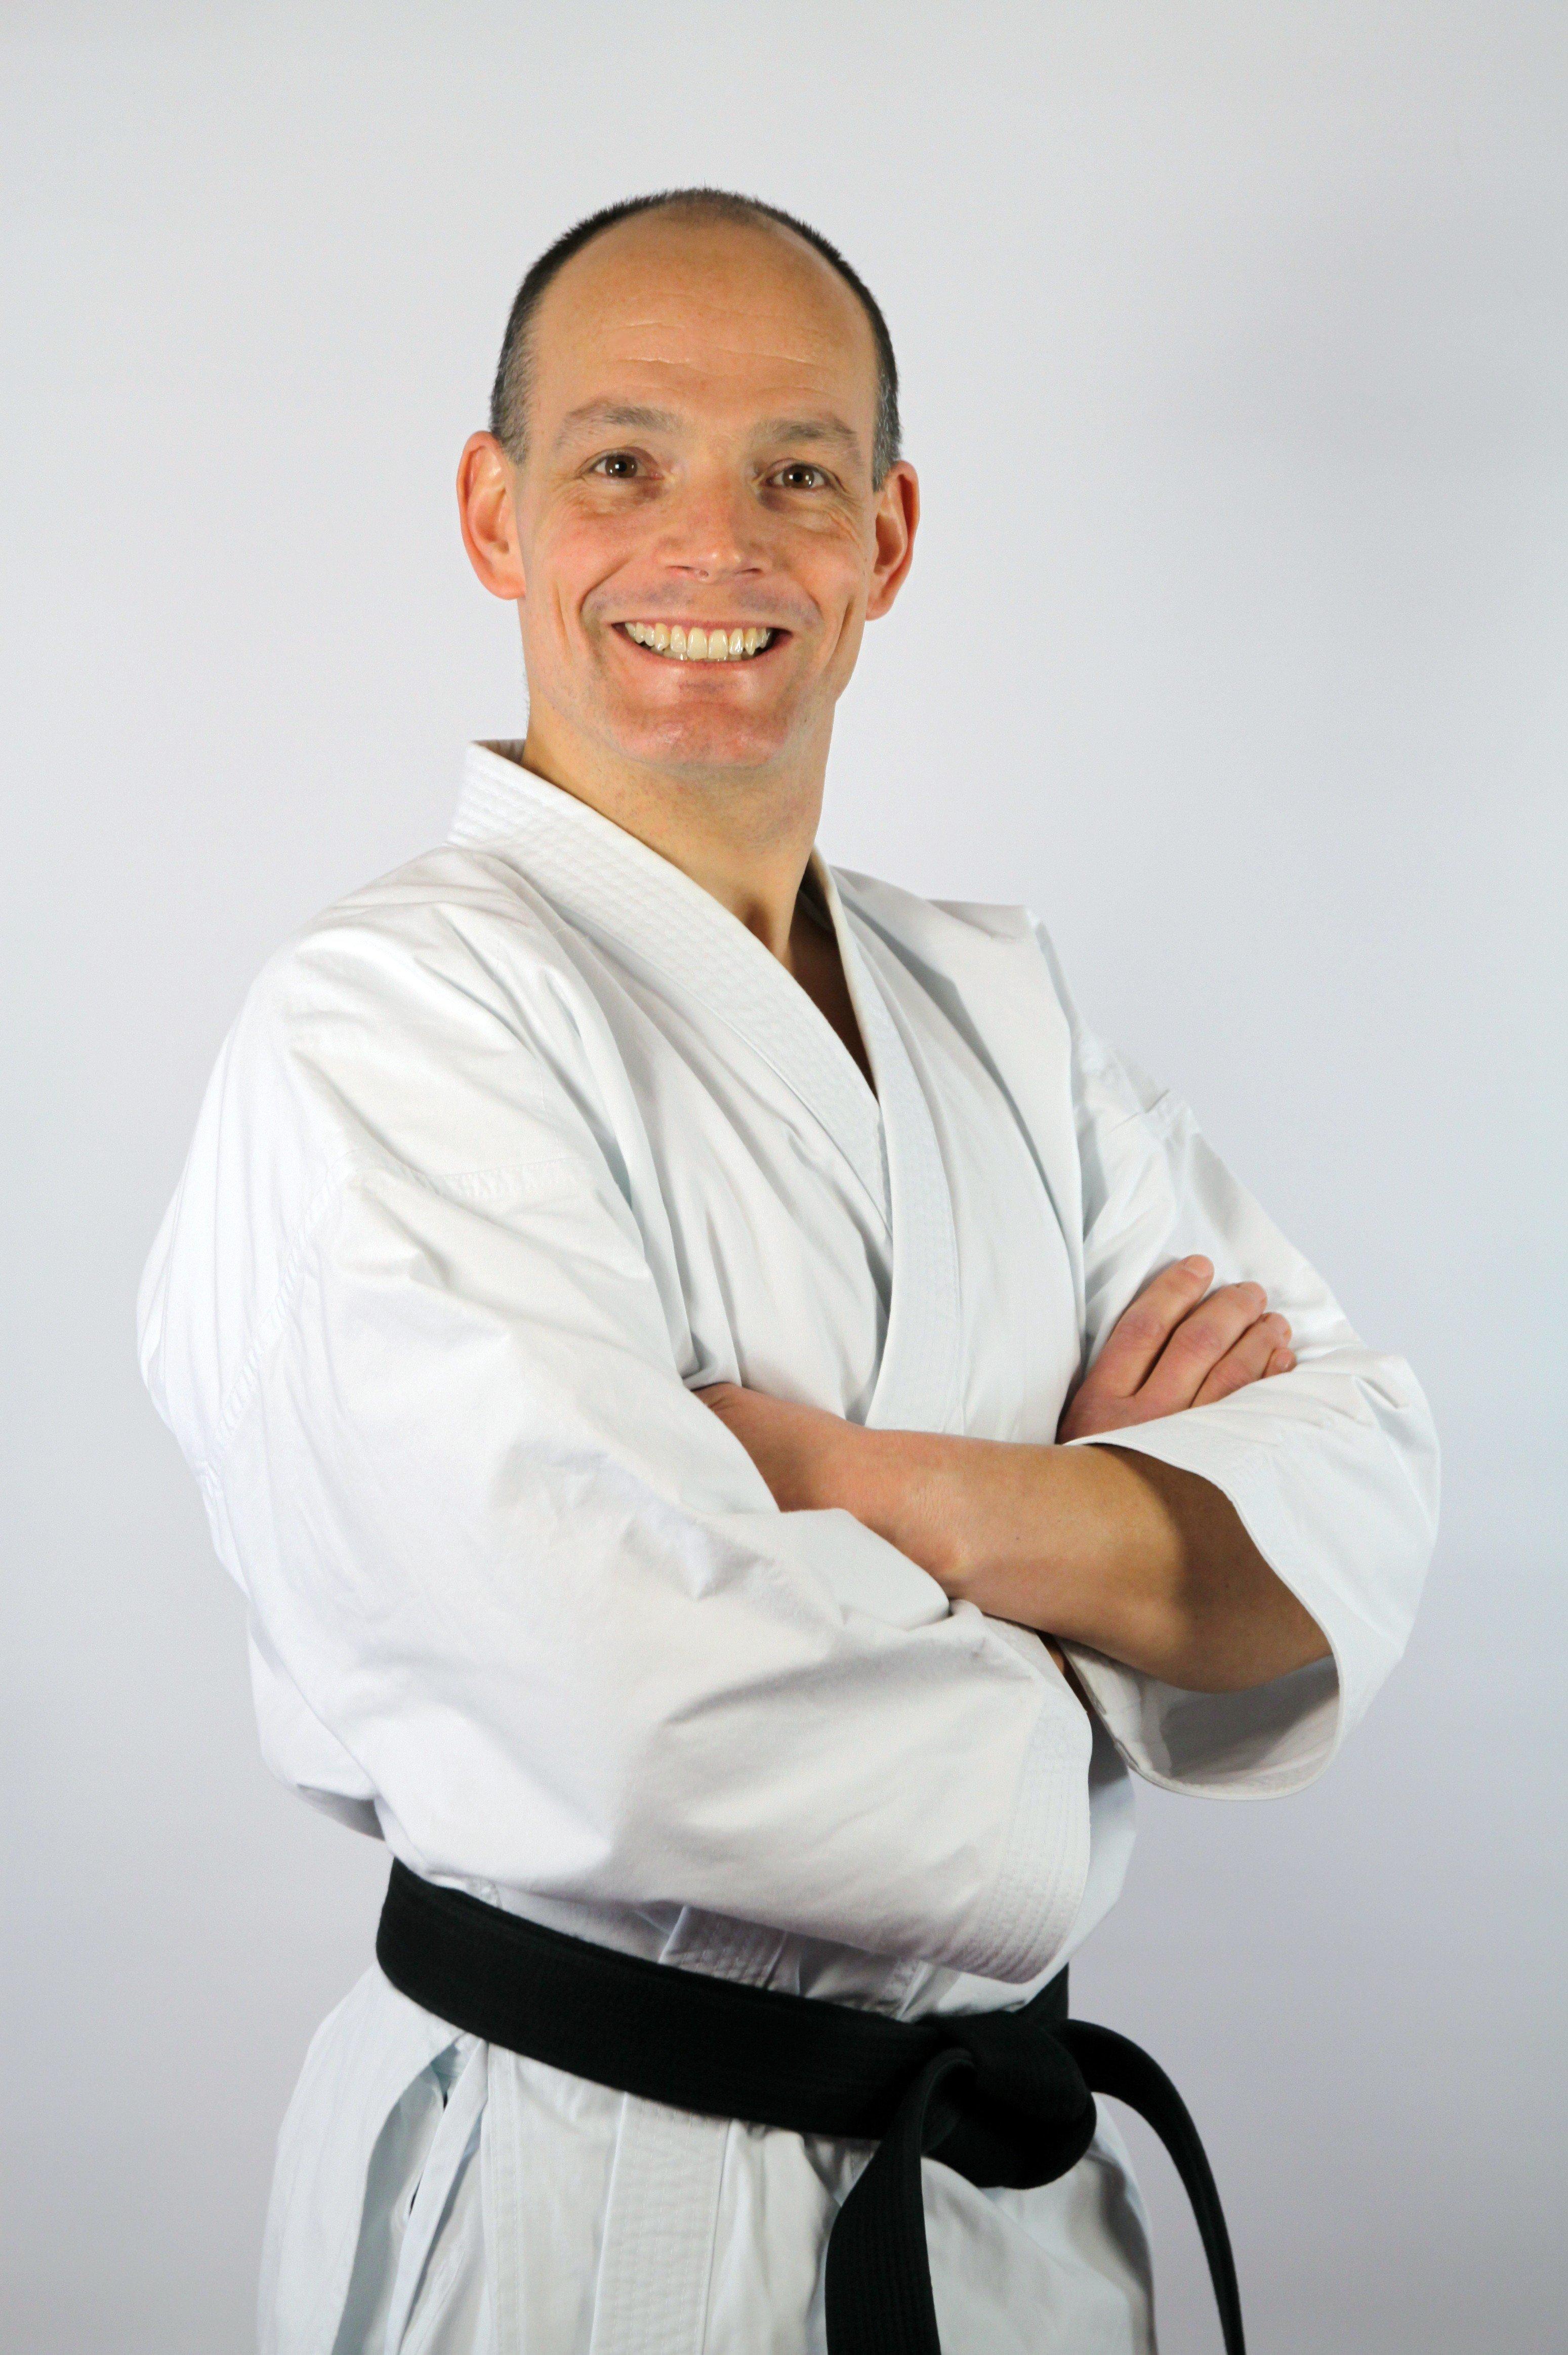 Dr. Jens Bussweiler